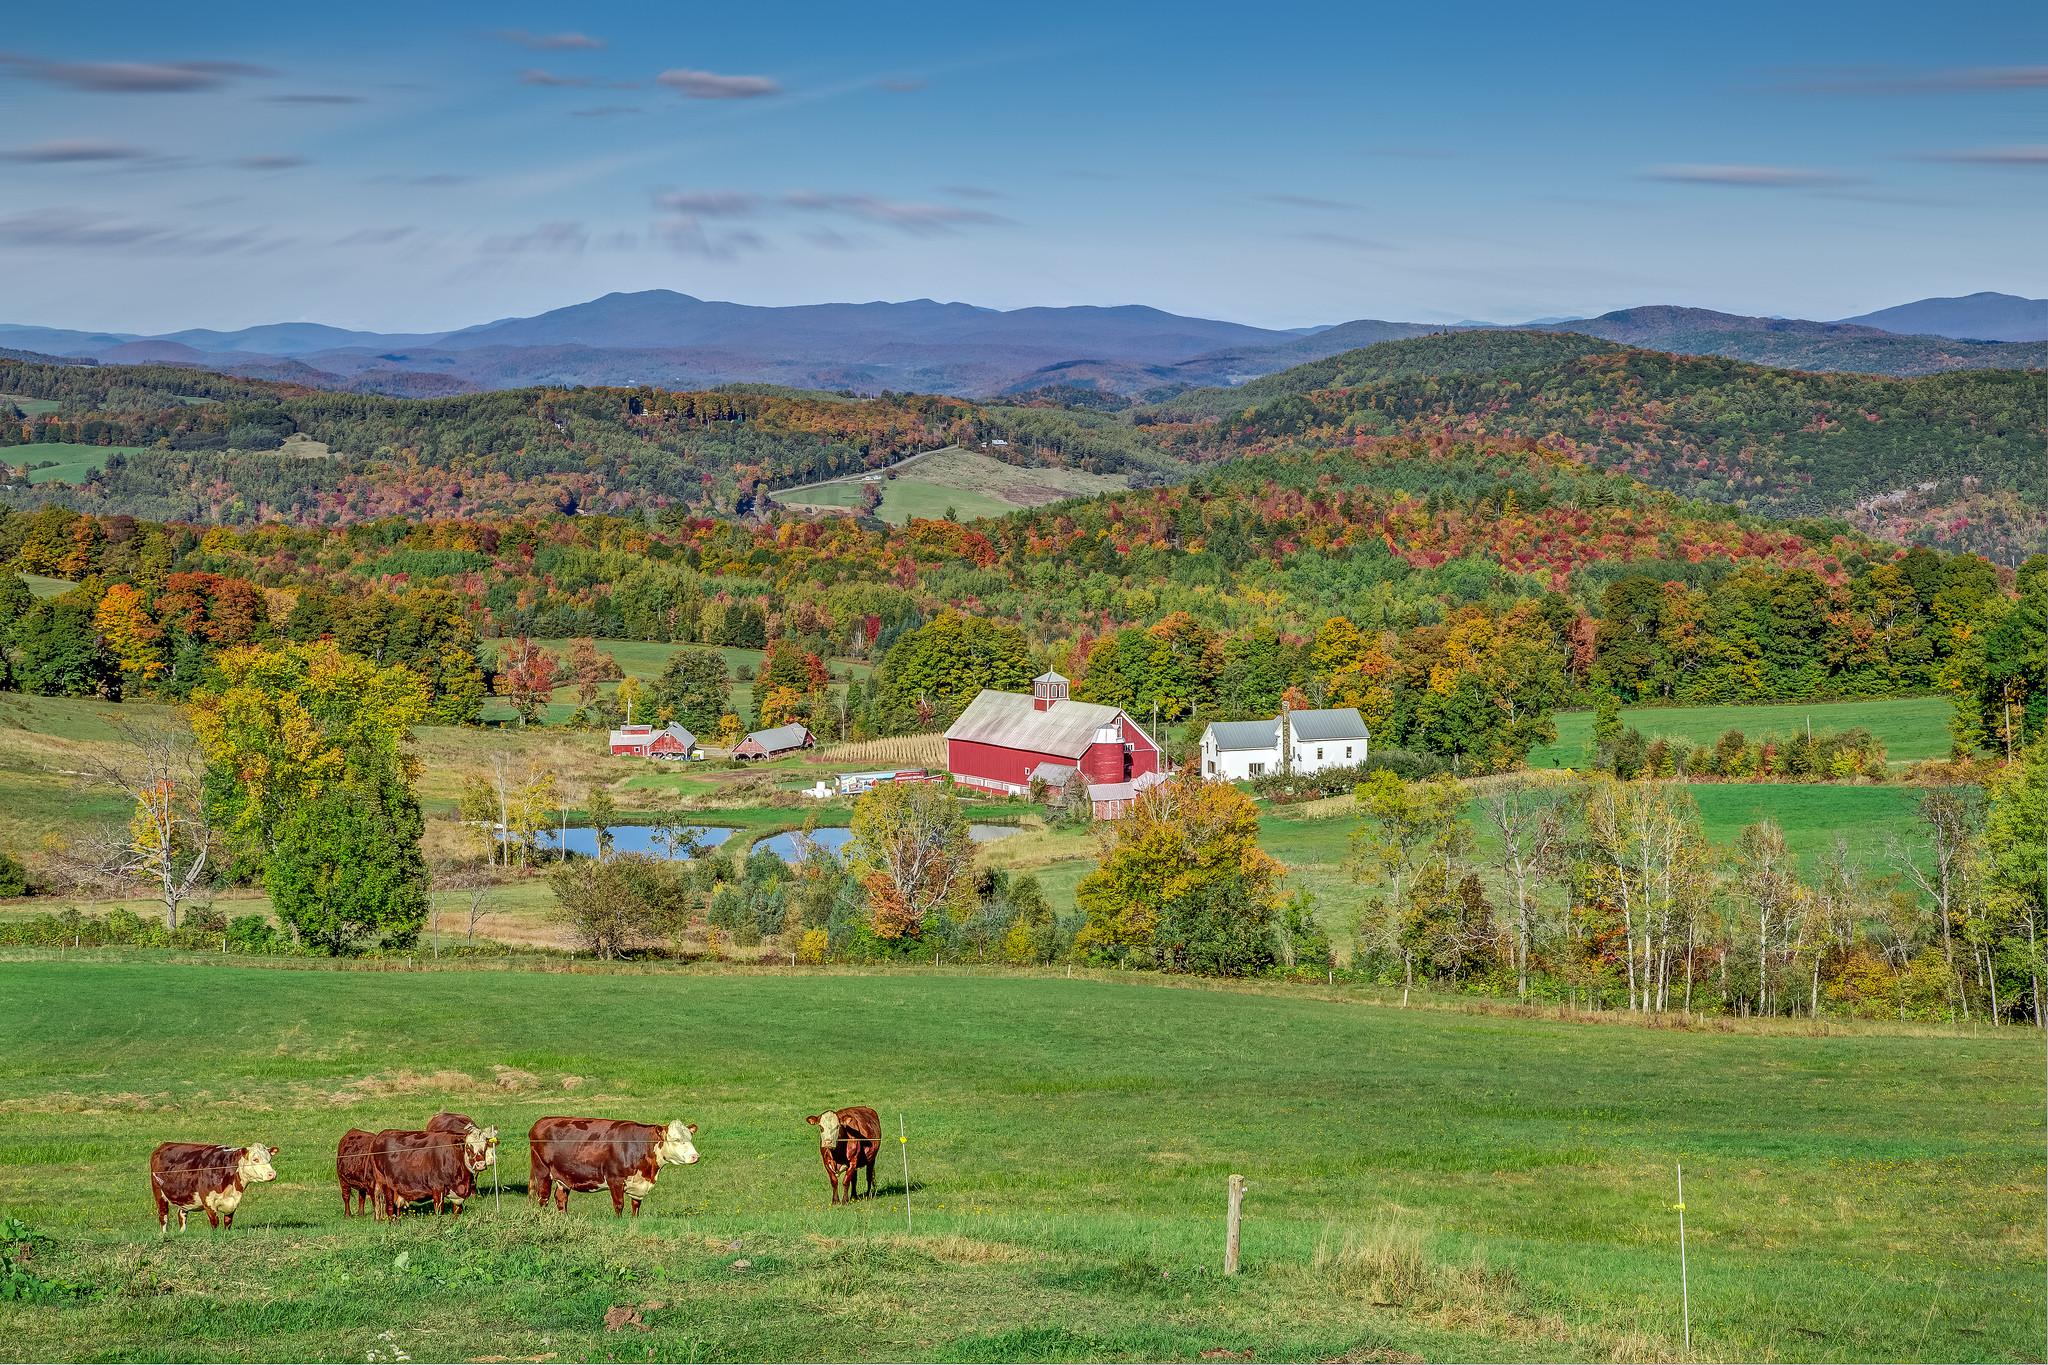 обои Нью-Гемпшир, Новая Англия, Вермонт, поля картинки фото